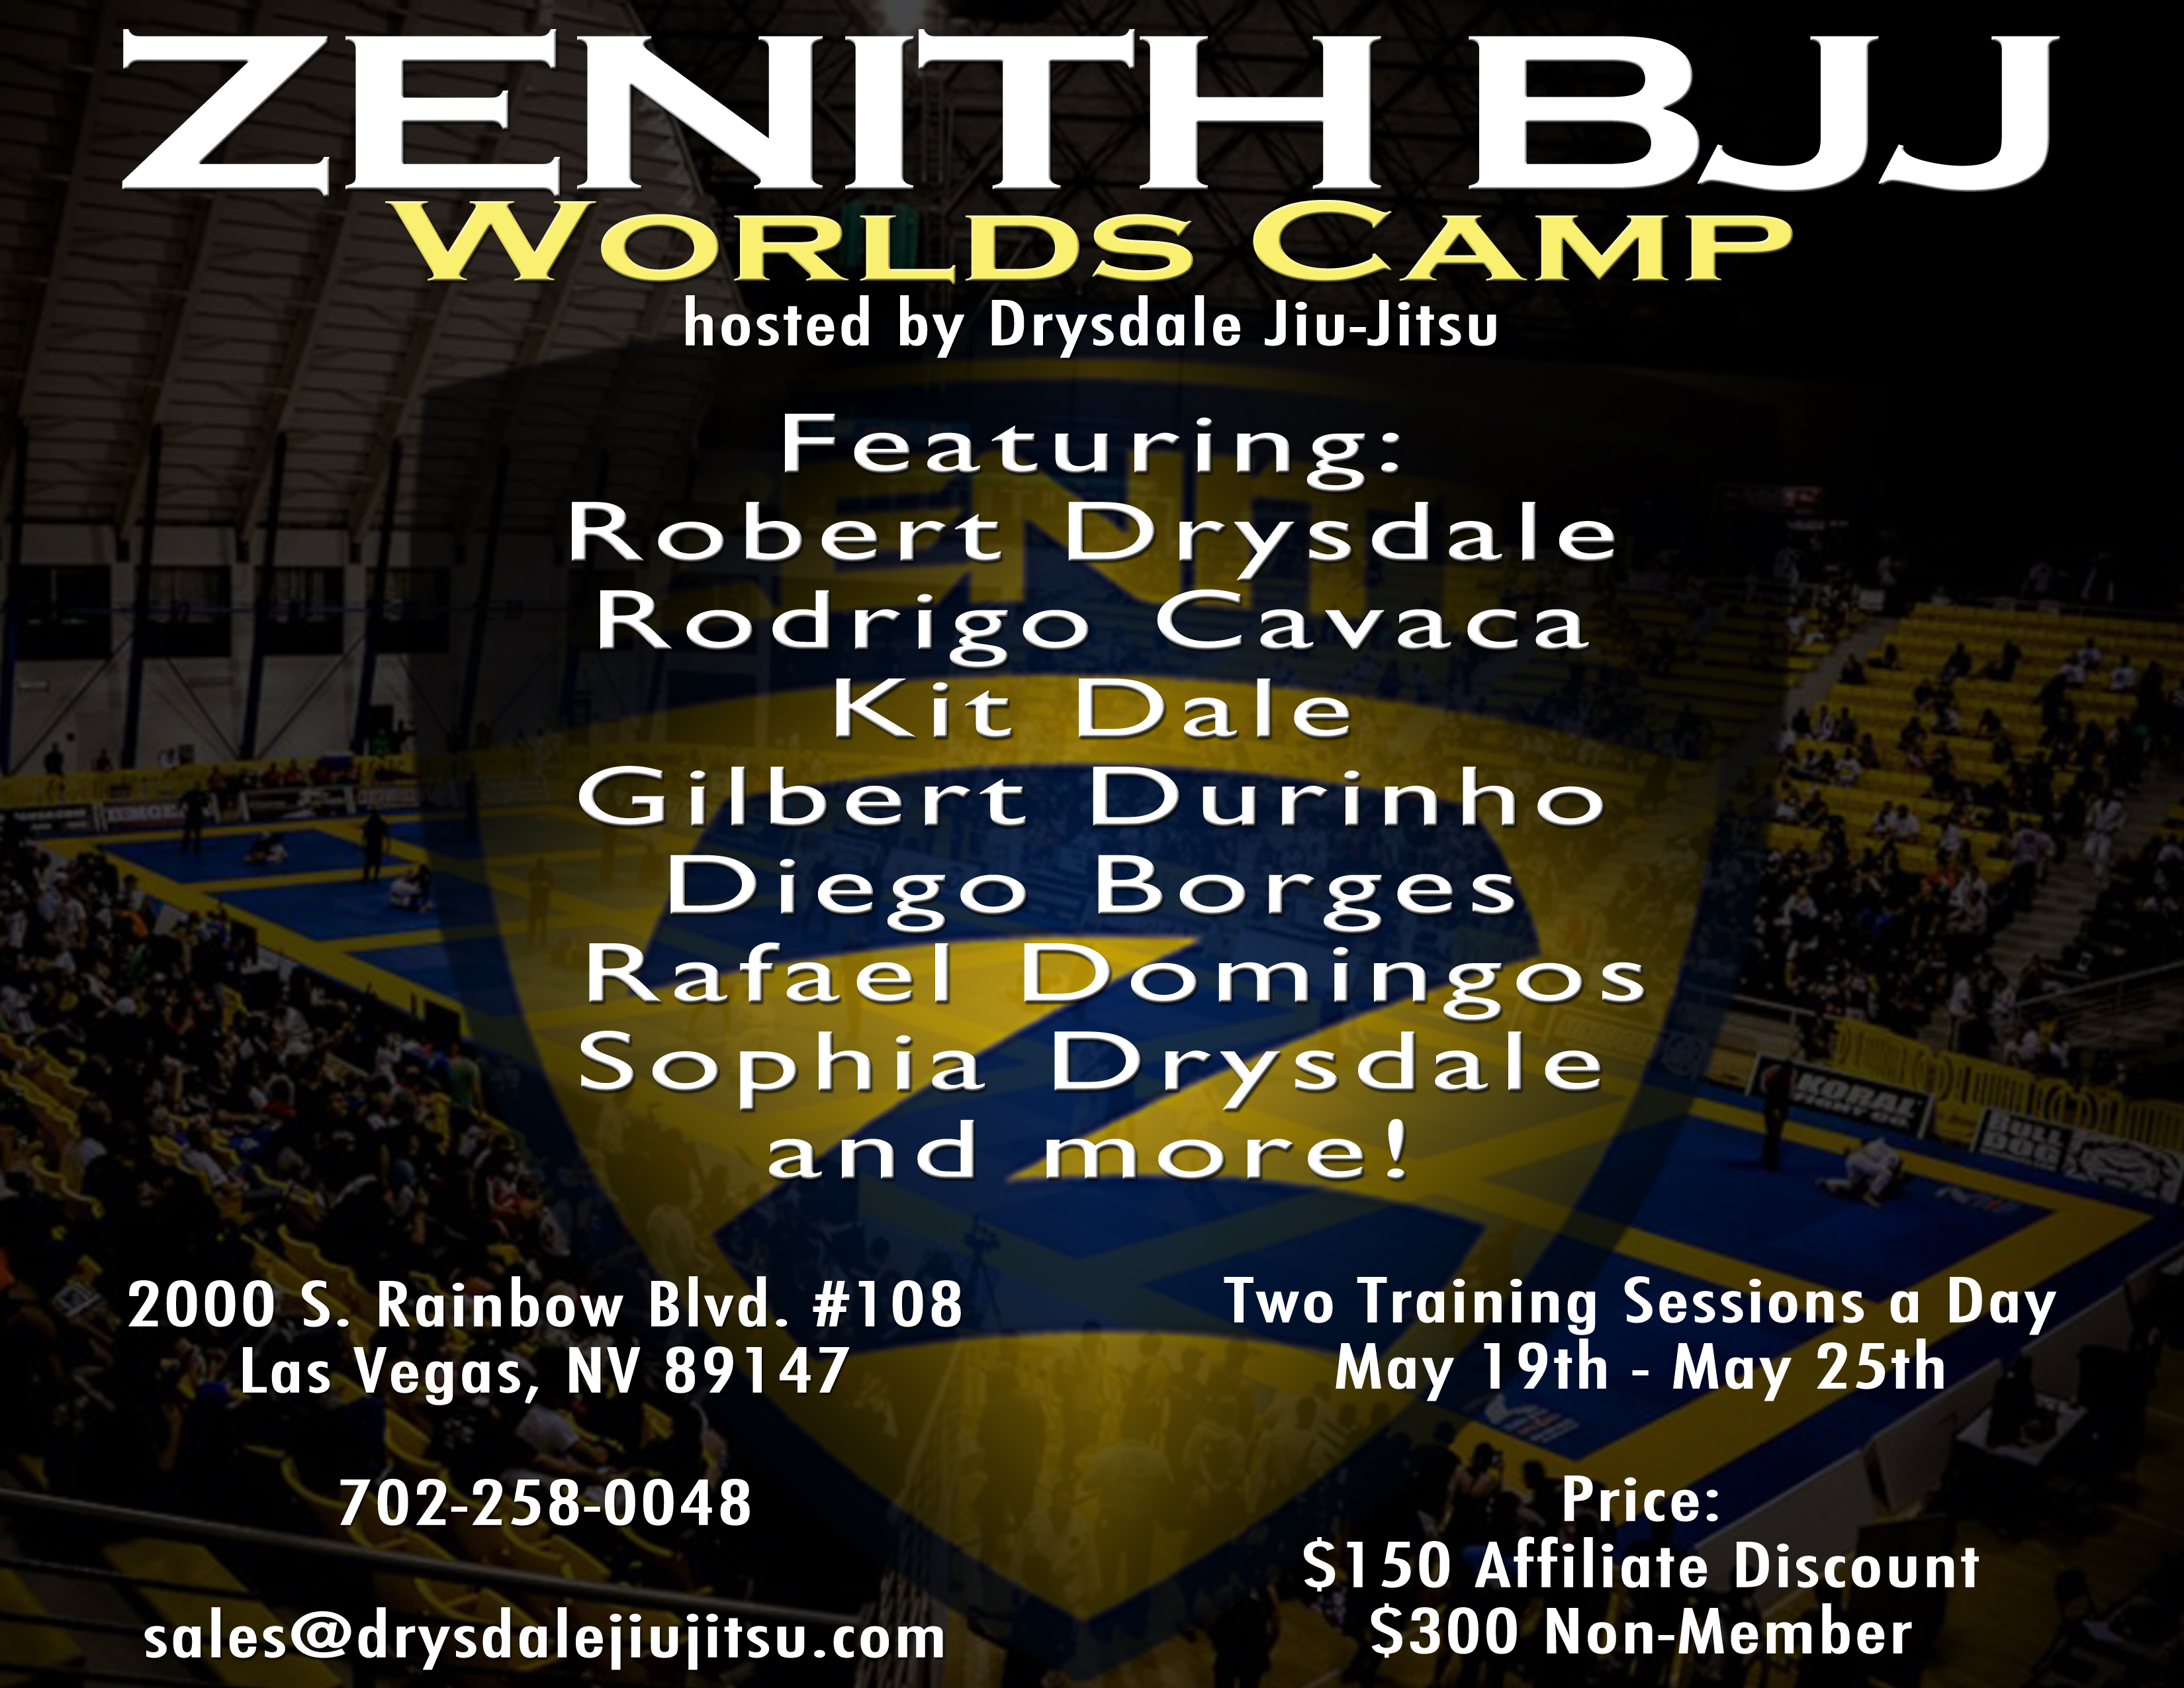 Zenith Worlds Camp 2014